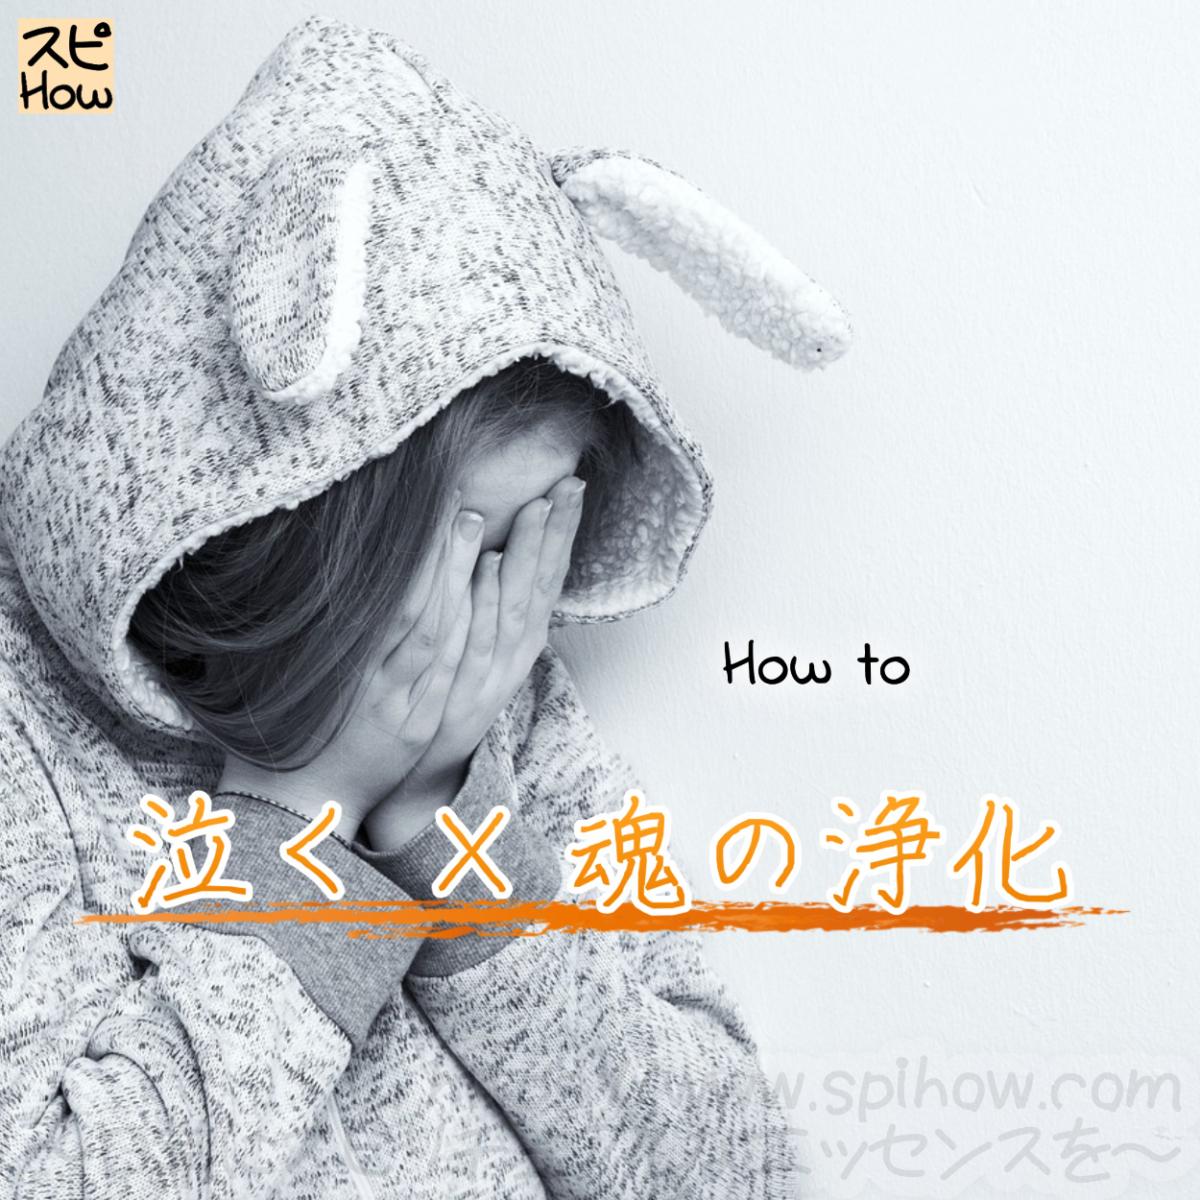 泣くことで魂の浄化を行う方法